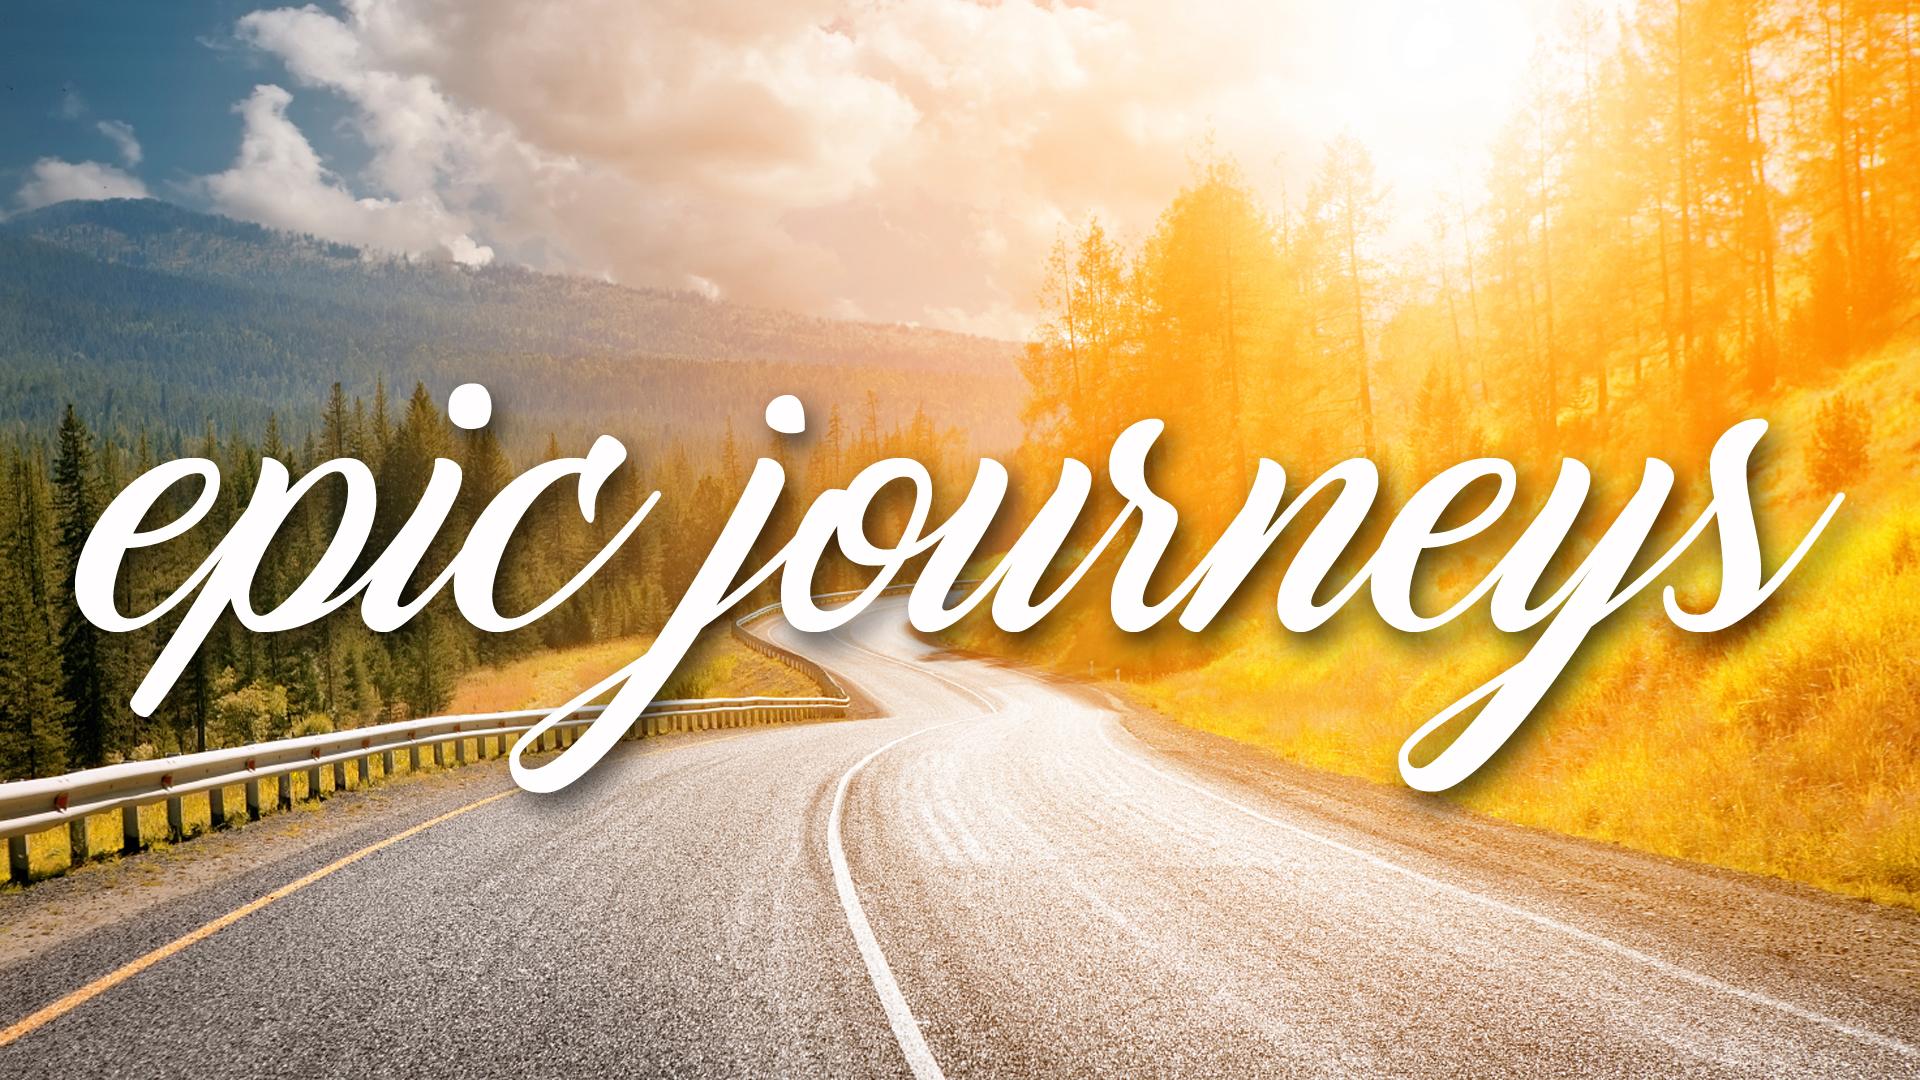 epic-journeys-cover.jpg